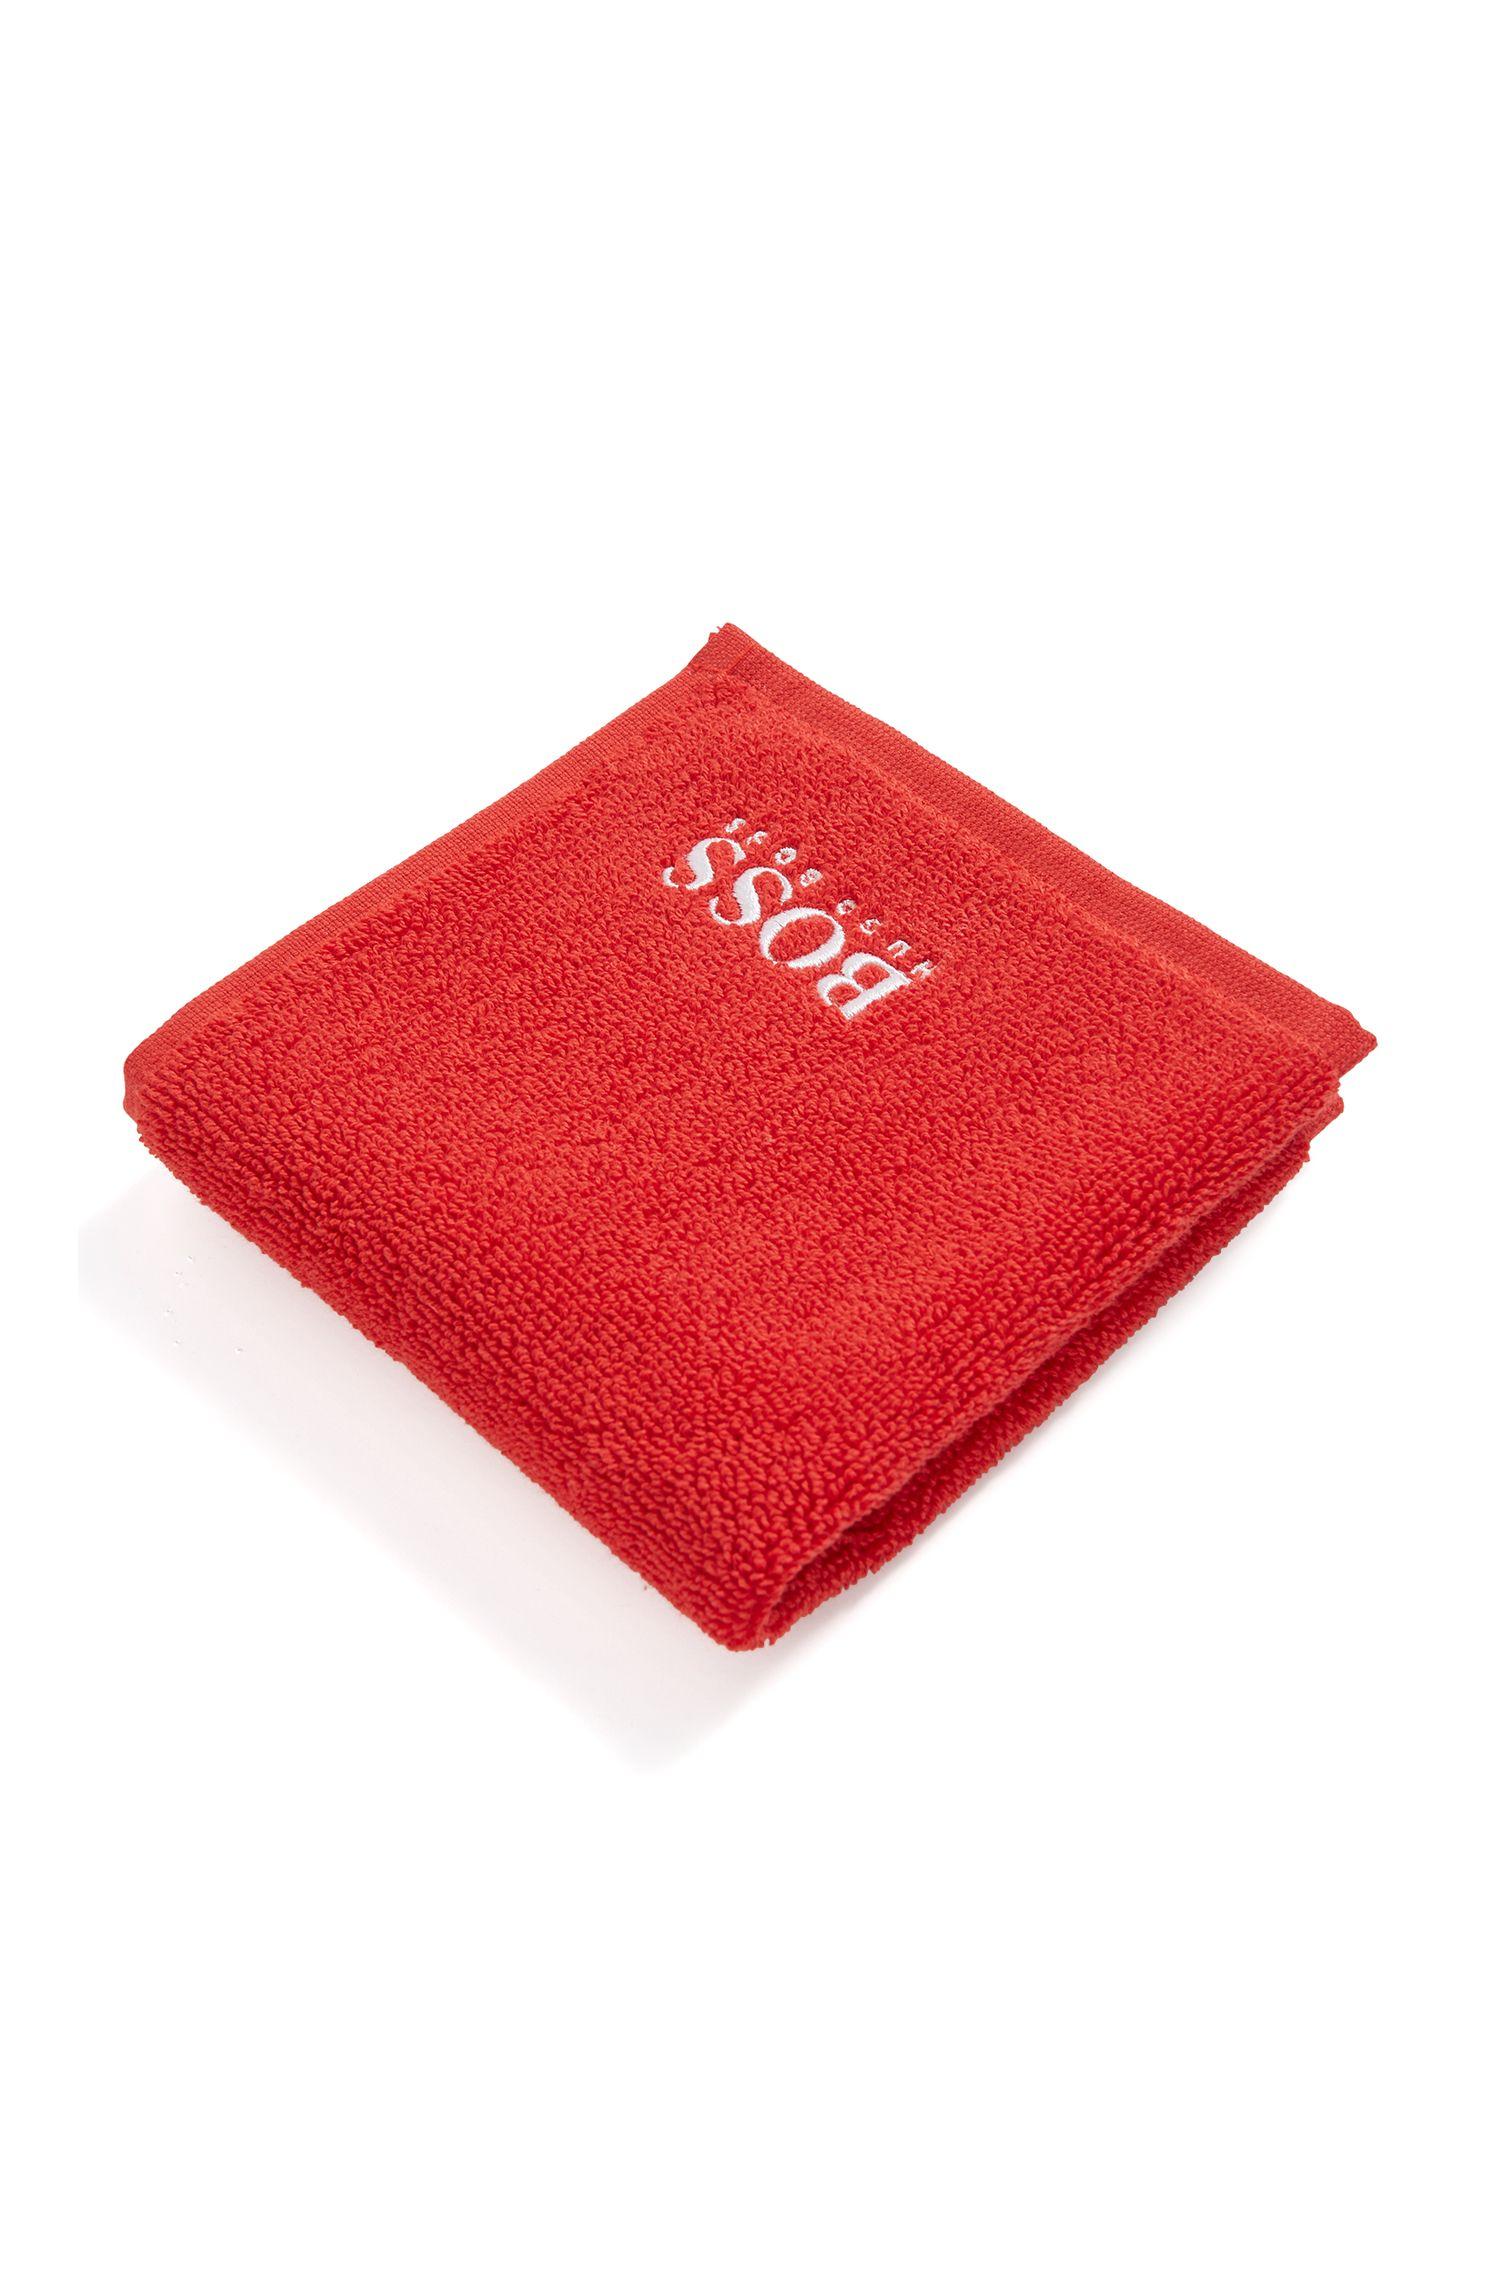 Toalla de cara en algodón egipcio de la máxima calidad con logo bordado, Rojo